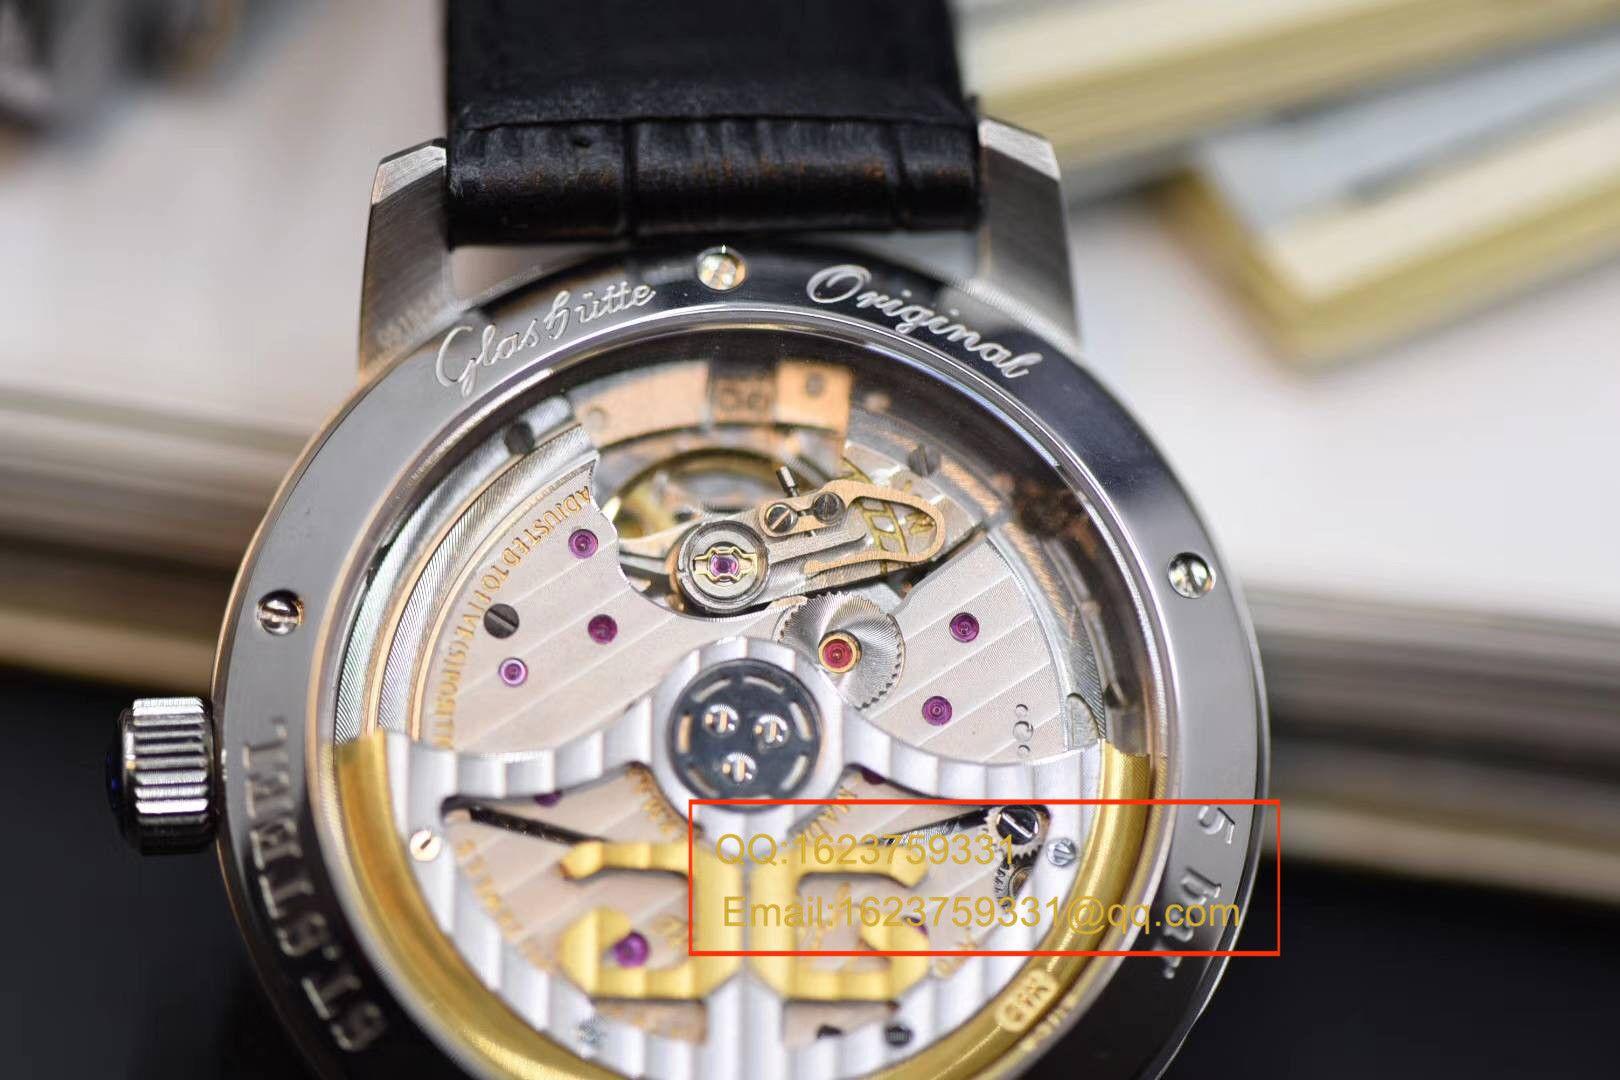 【GF1:1超A高仿手表】格拉苏蒂原创精髓议员大日历月相系列100-04-05-12-30腕表